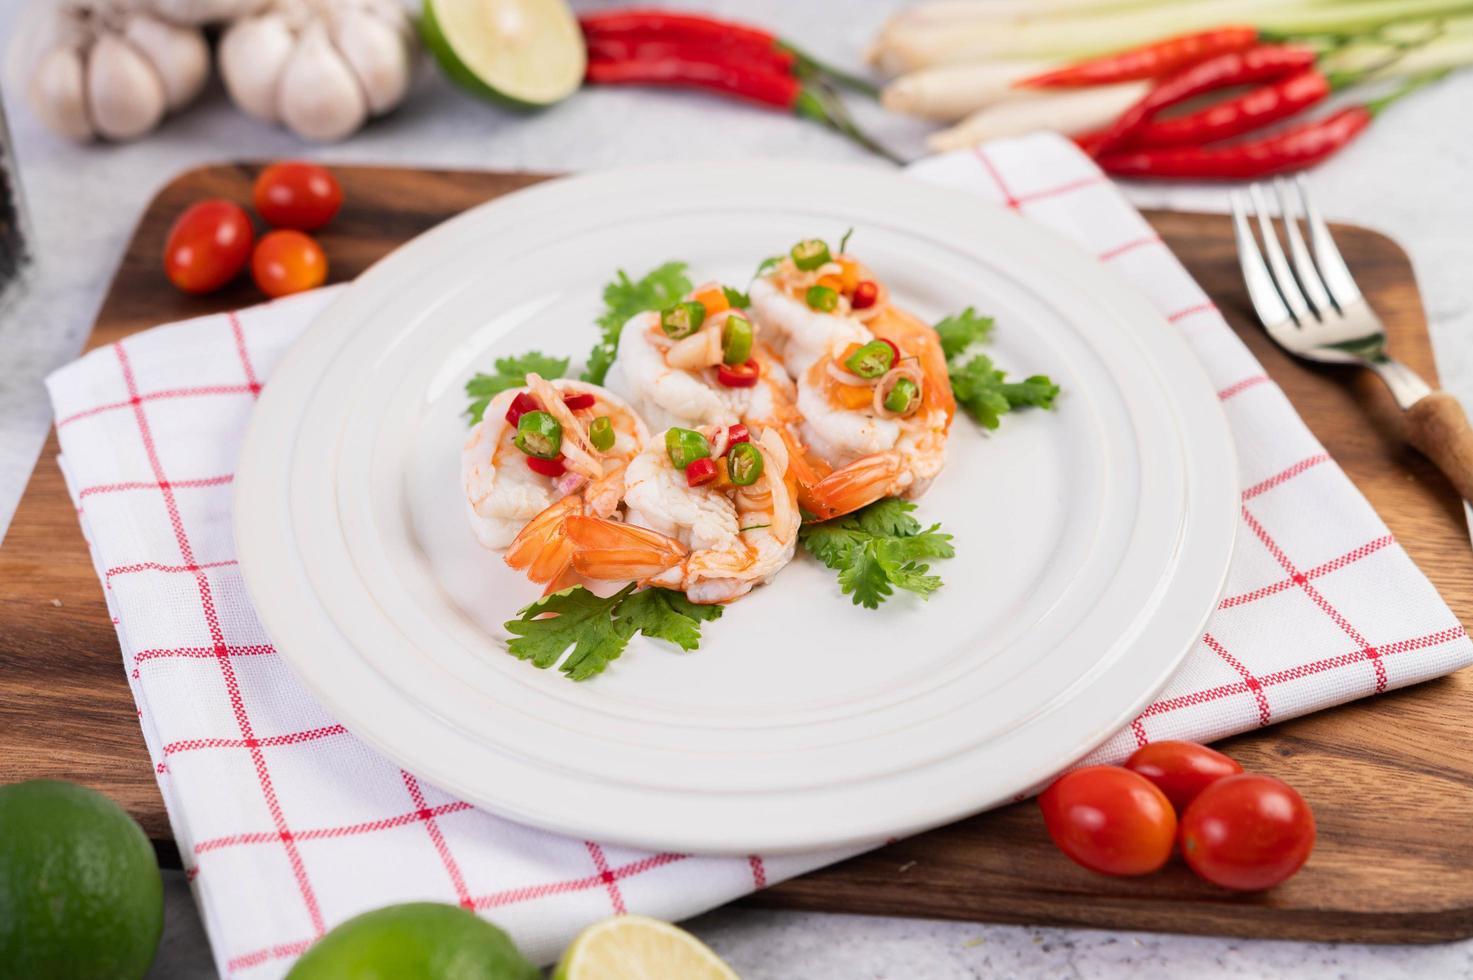 pittige thaise salade met garnalen foto